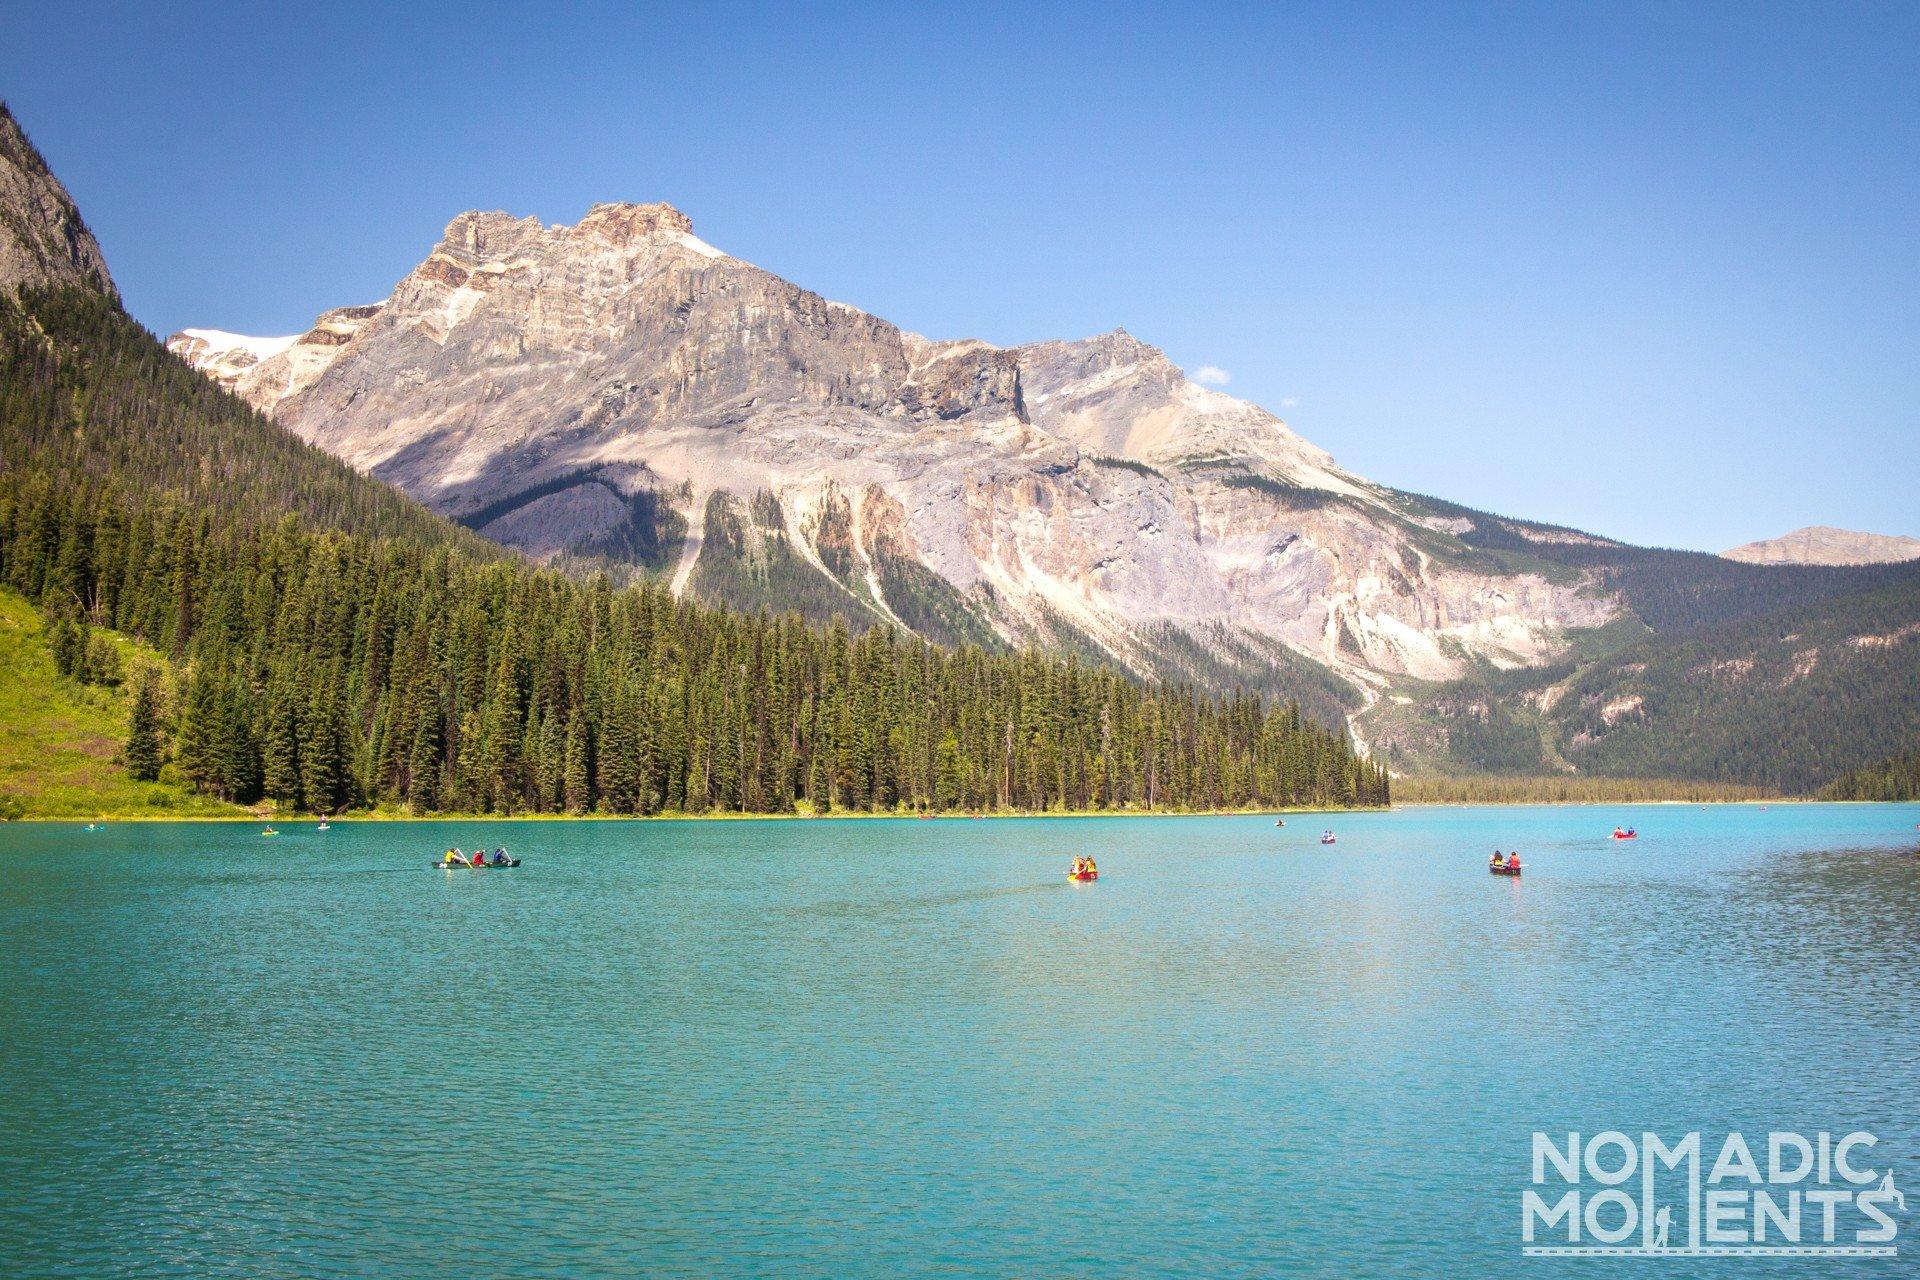 Kayaking Emerald Lake